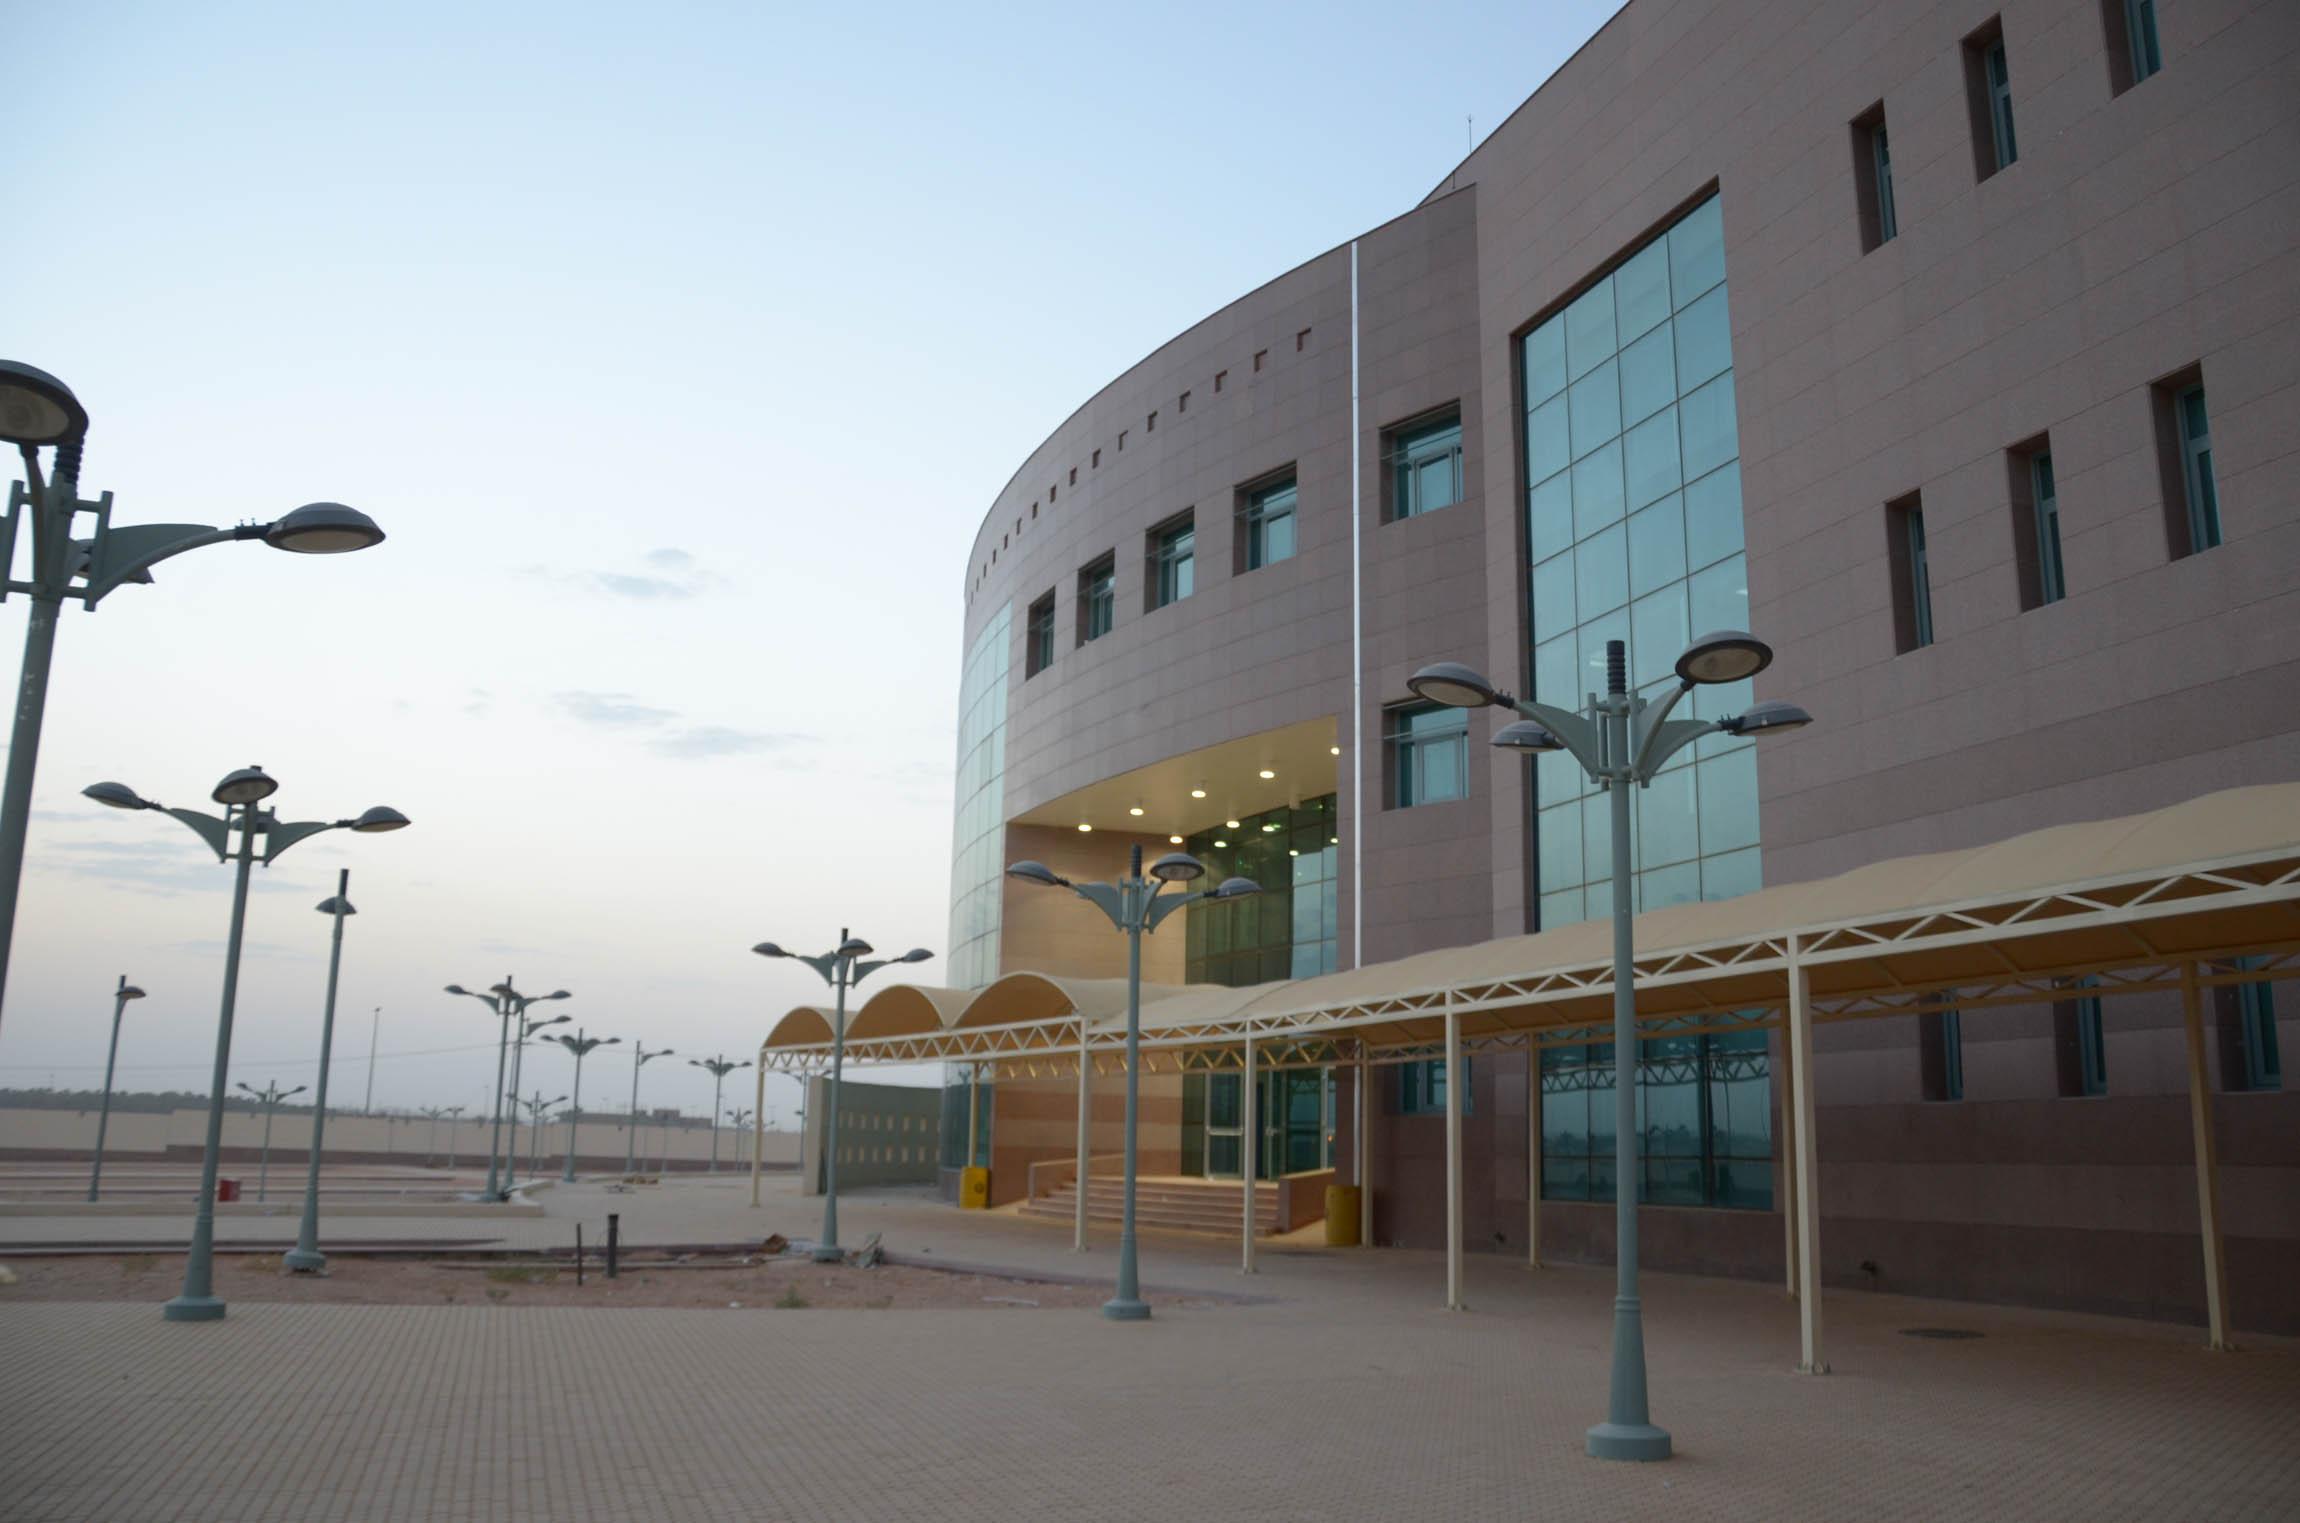 وكيل جامعة الأمير سط ام بن عبد العزيز يتفقد انتقال كلية التربية